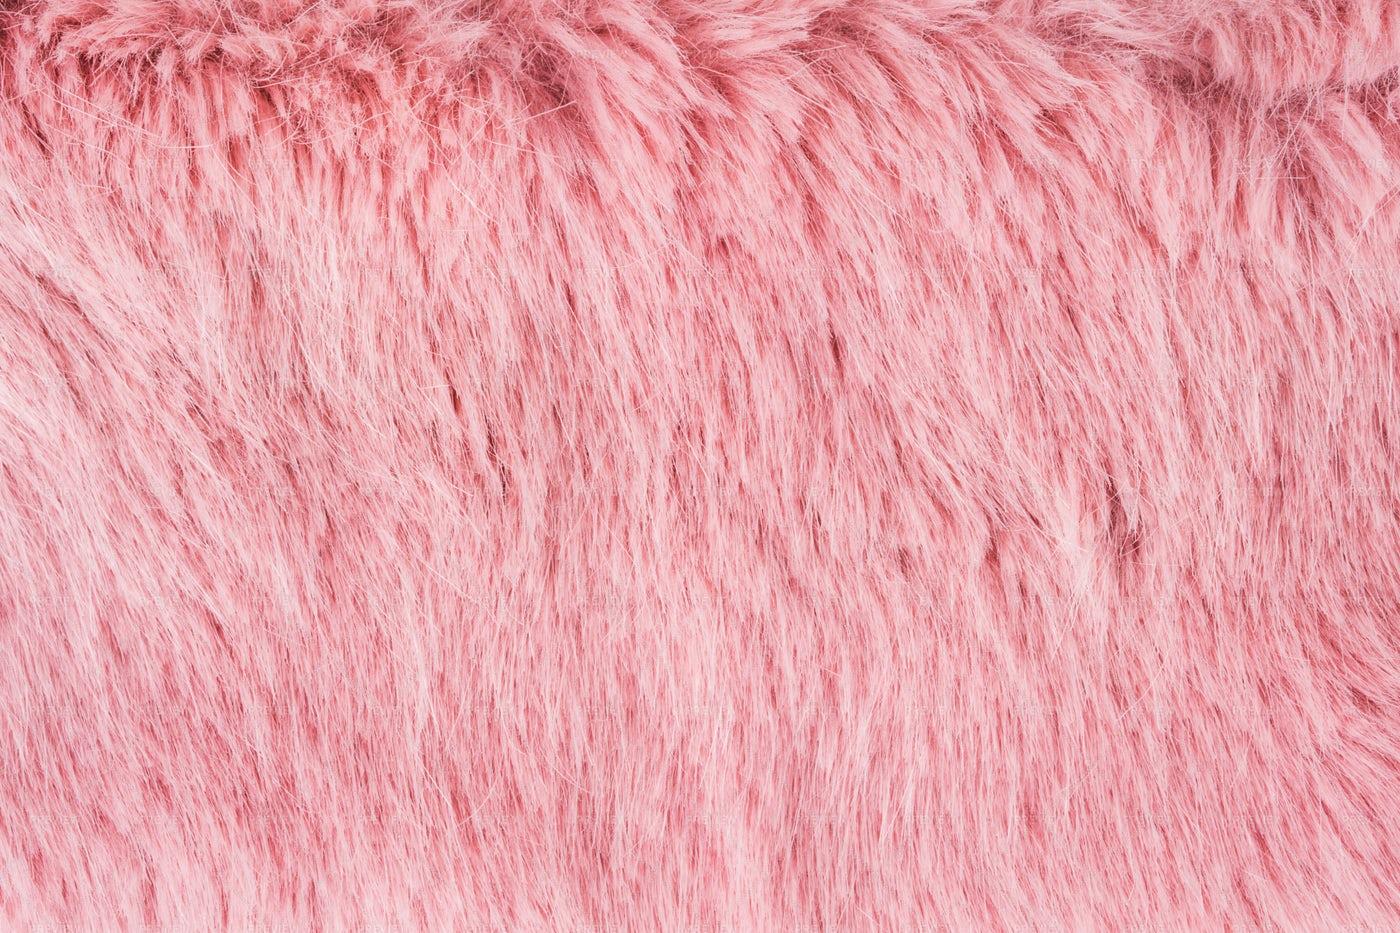 Pink Faux Fur Texture: Stock Photos